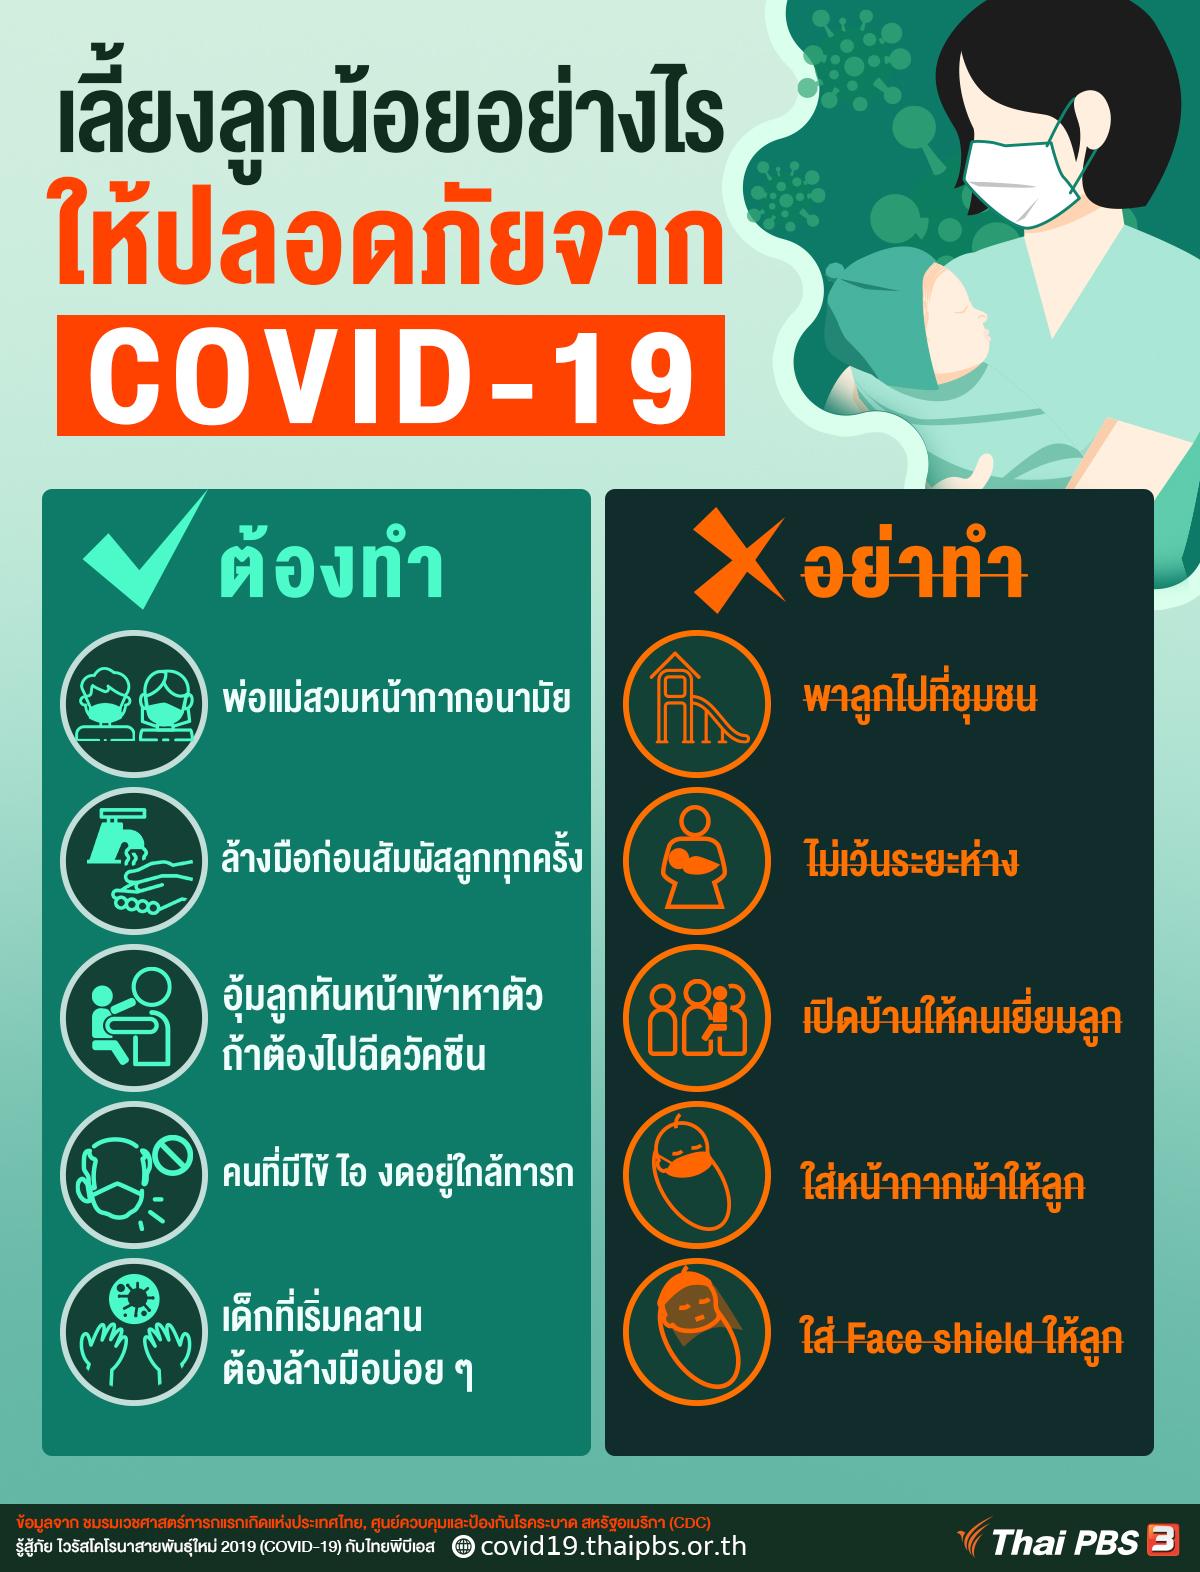 เลี้ยงลูกน้อยอย่างไร ให้ปลอดภัยจาก COVID-19